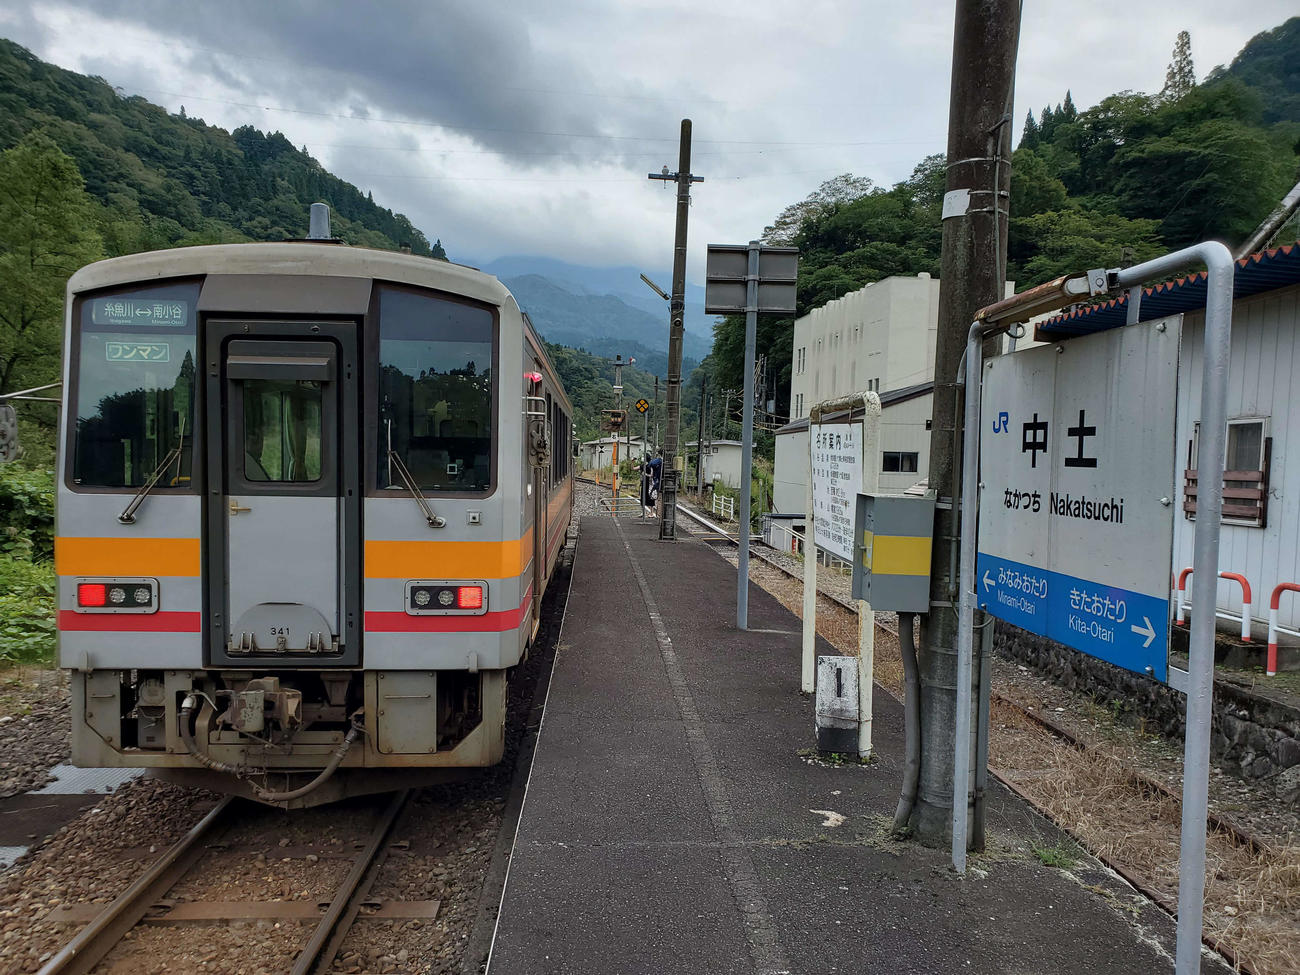 〈11〉中土駅のキハ120。片側ホームに線路は残るが使用されていない